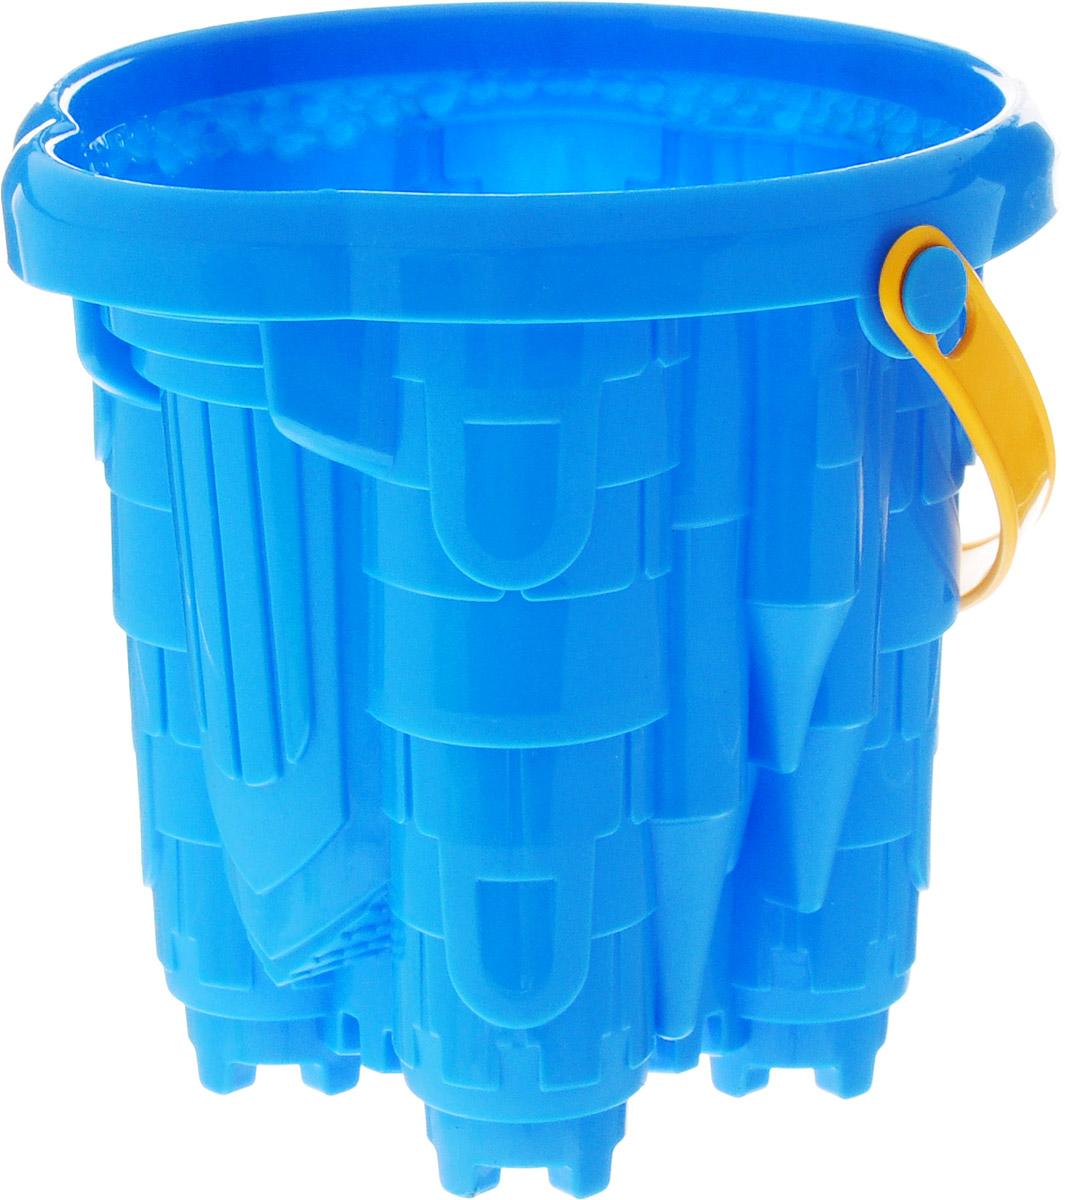 Нордпласт Ведро Замок цвет синий нордпласт ведро форма замок нордпласт